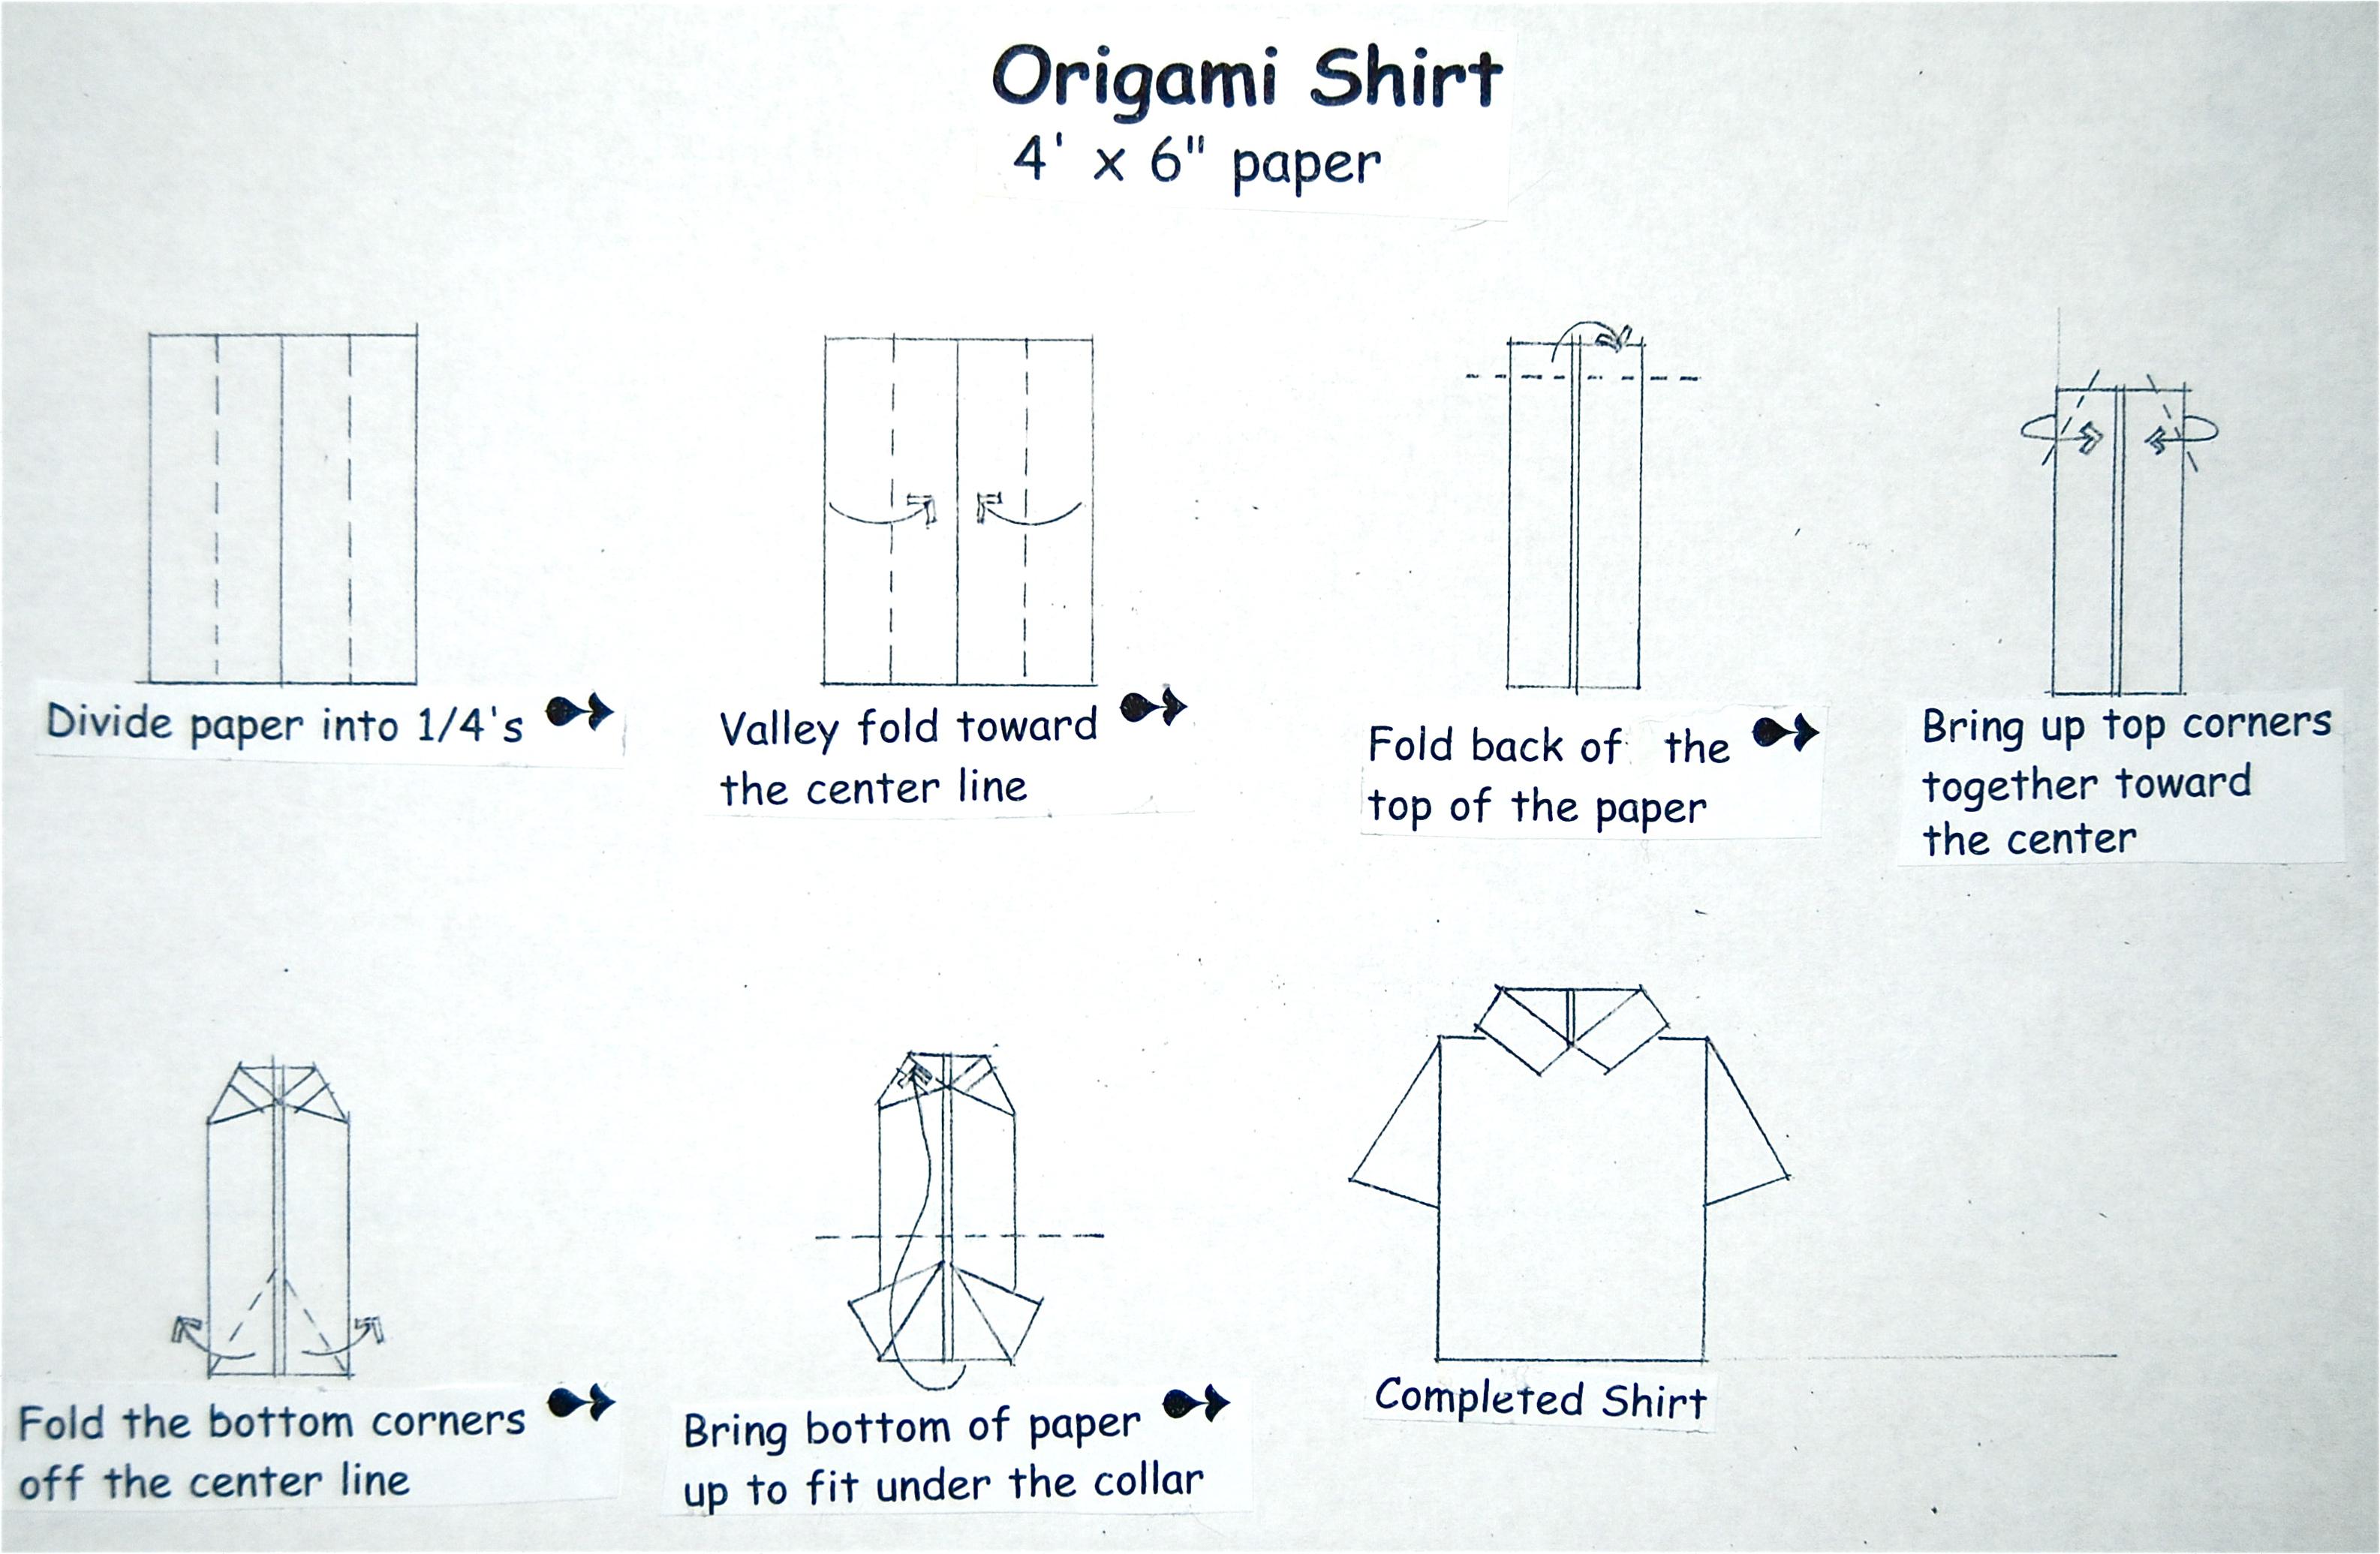 Поздравительная открытка в виде мужской рубашки - ольга николаевна константинова